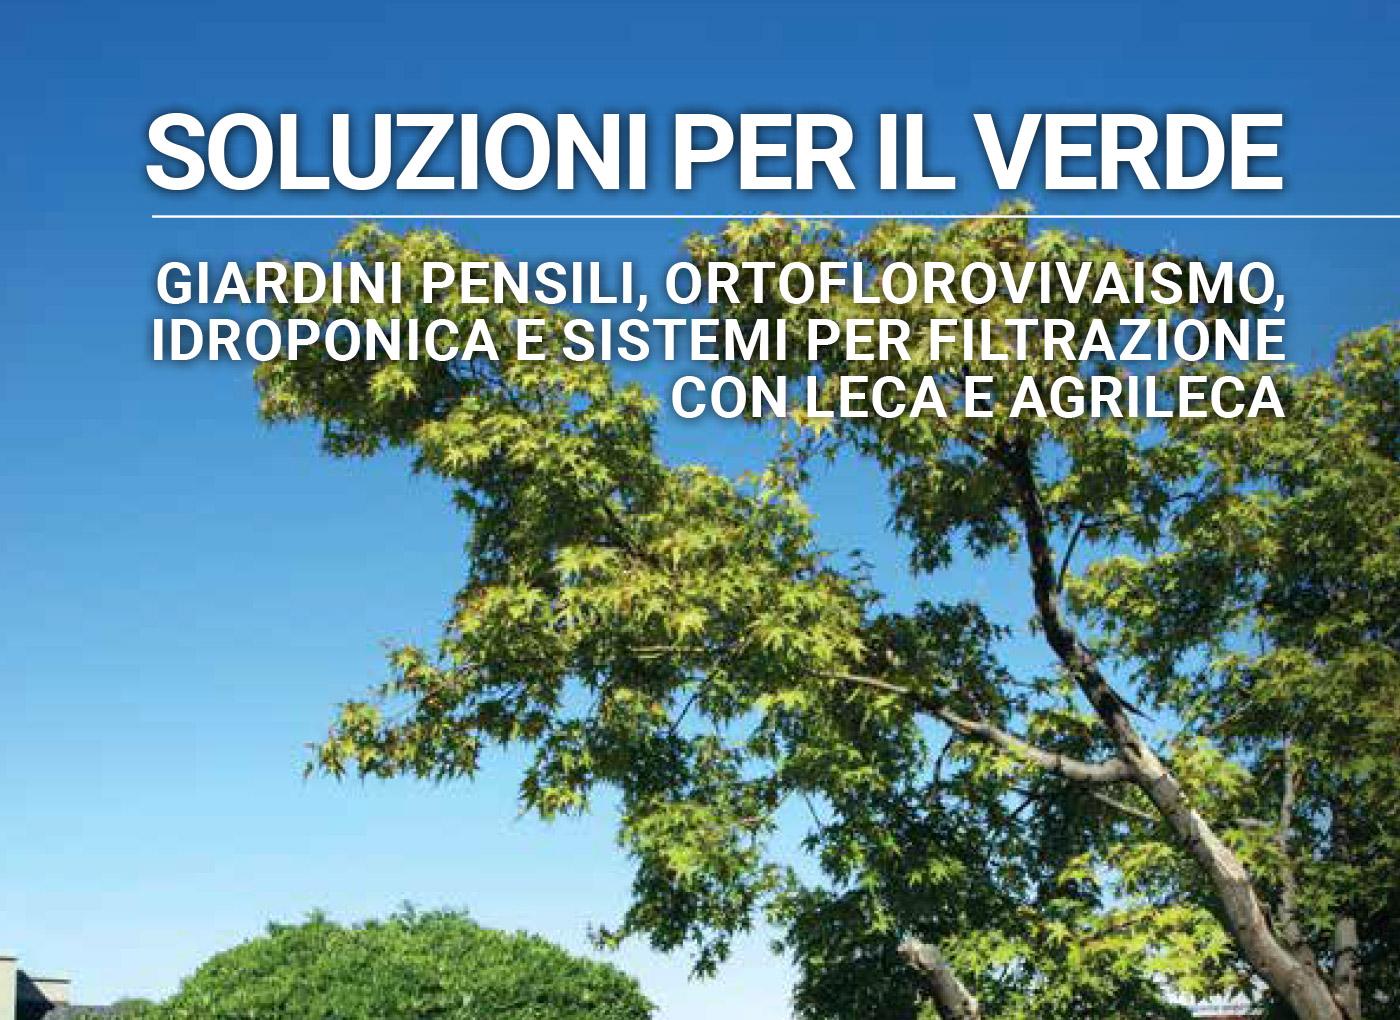 manuale-soluzioni-per-il-verde